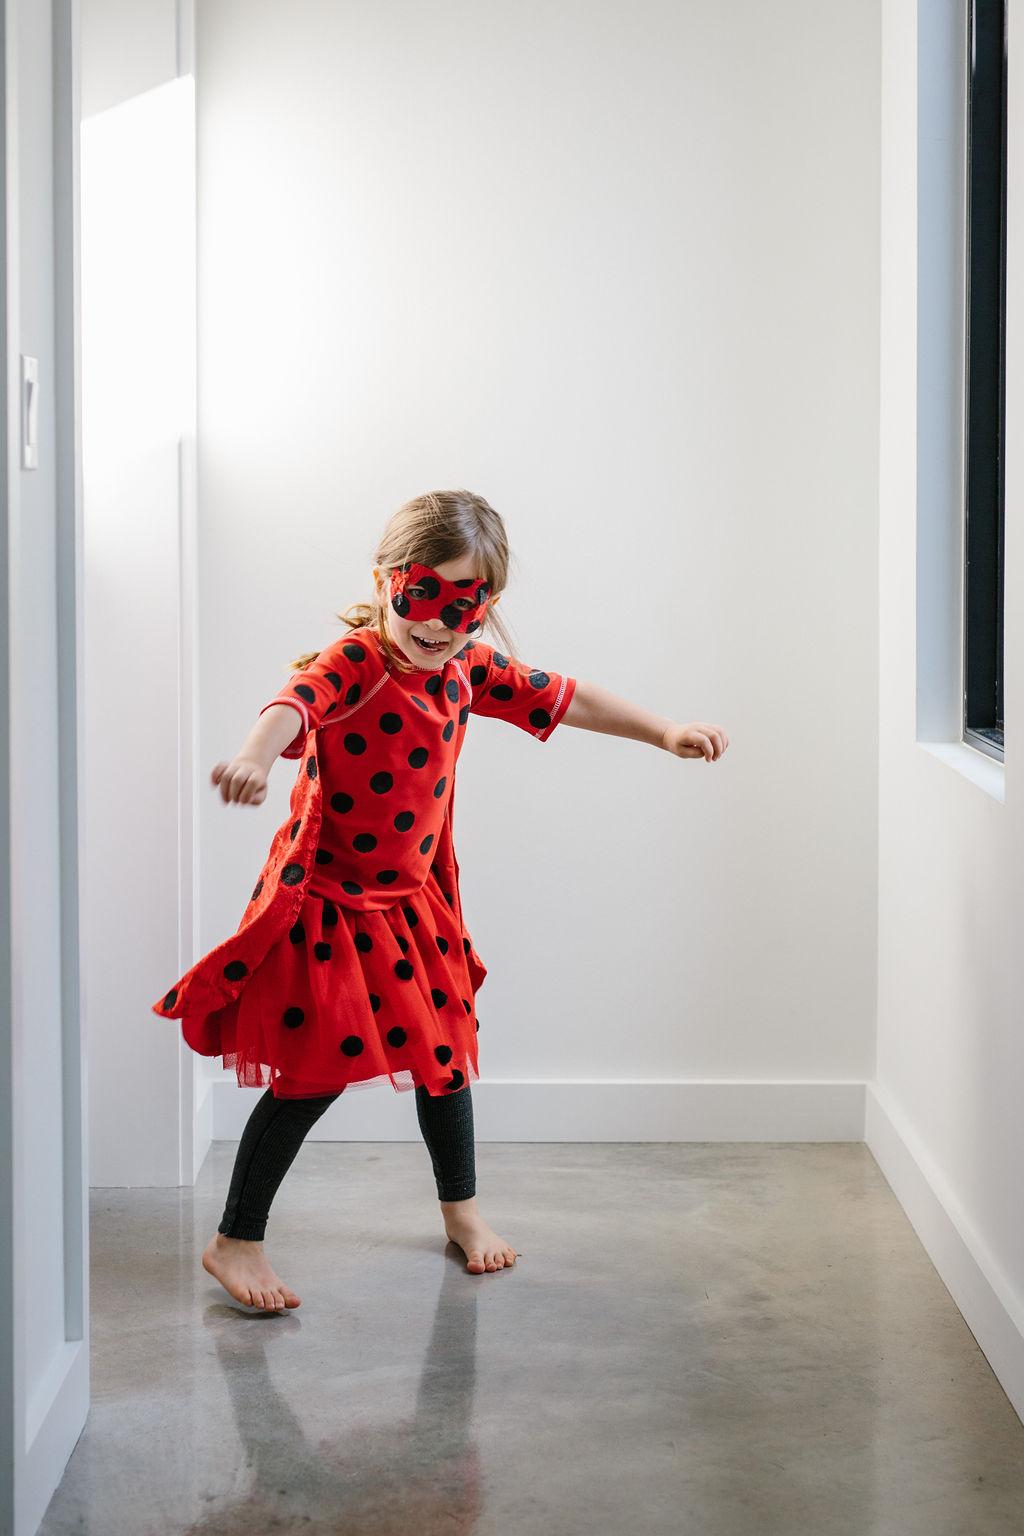 A child playing dress up